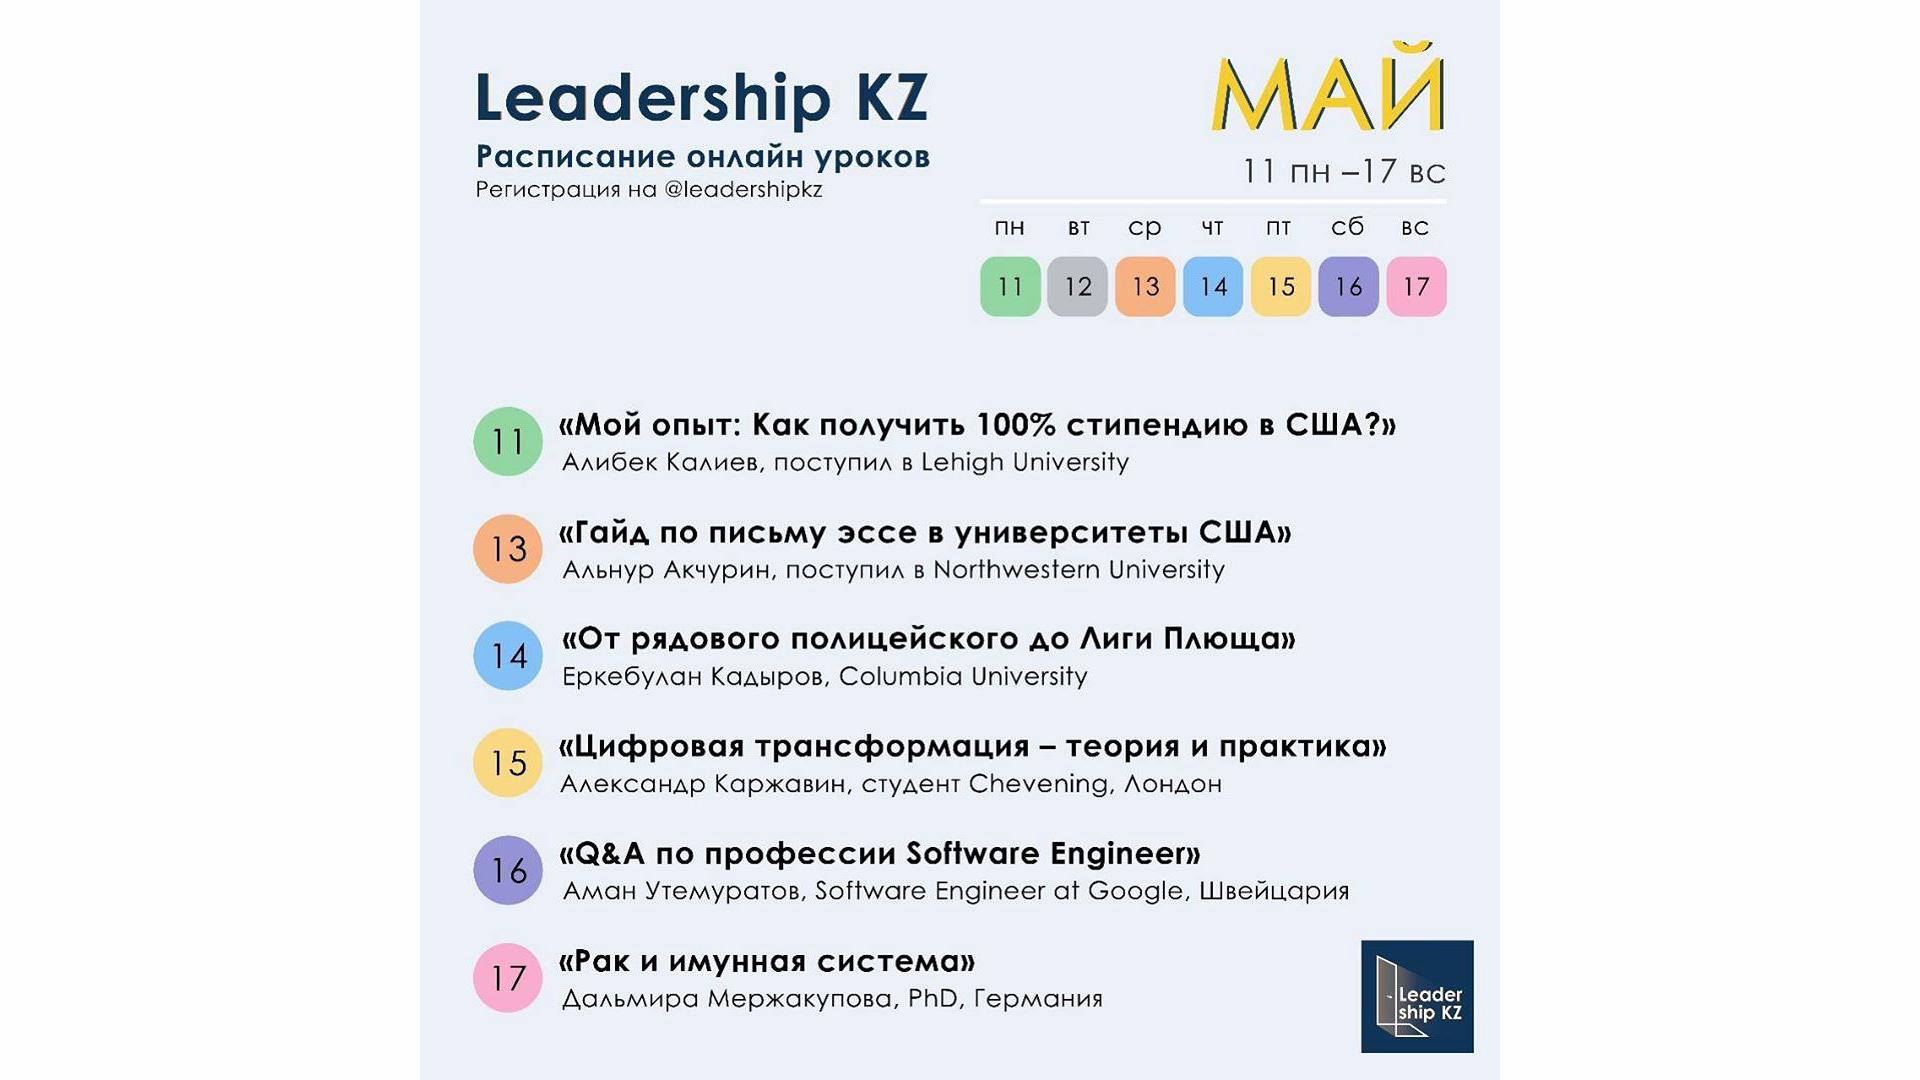 Расписание онлайн уроков LeadershipKZ на неделю 11-17 мая